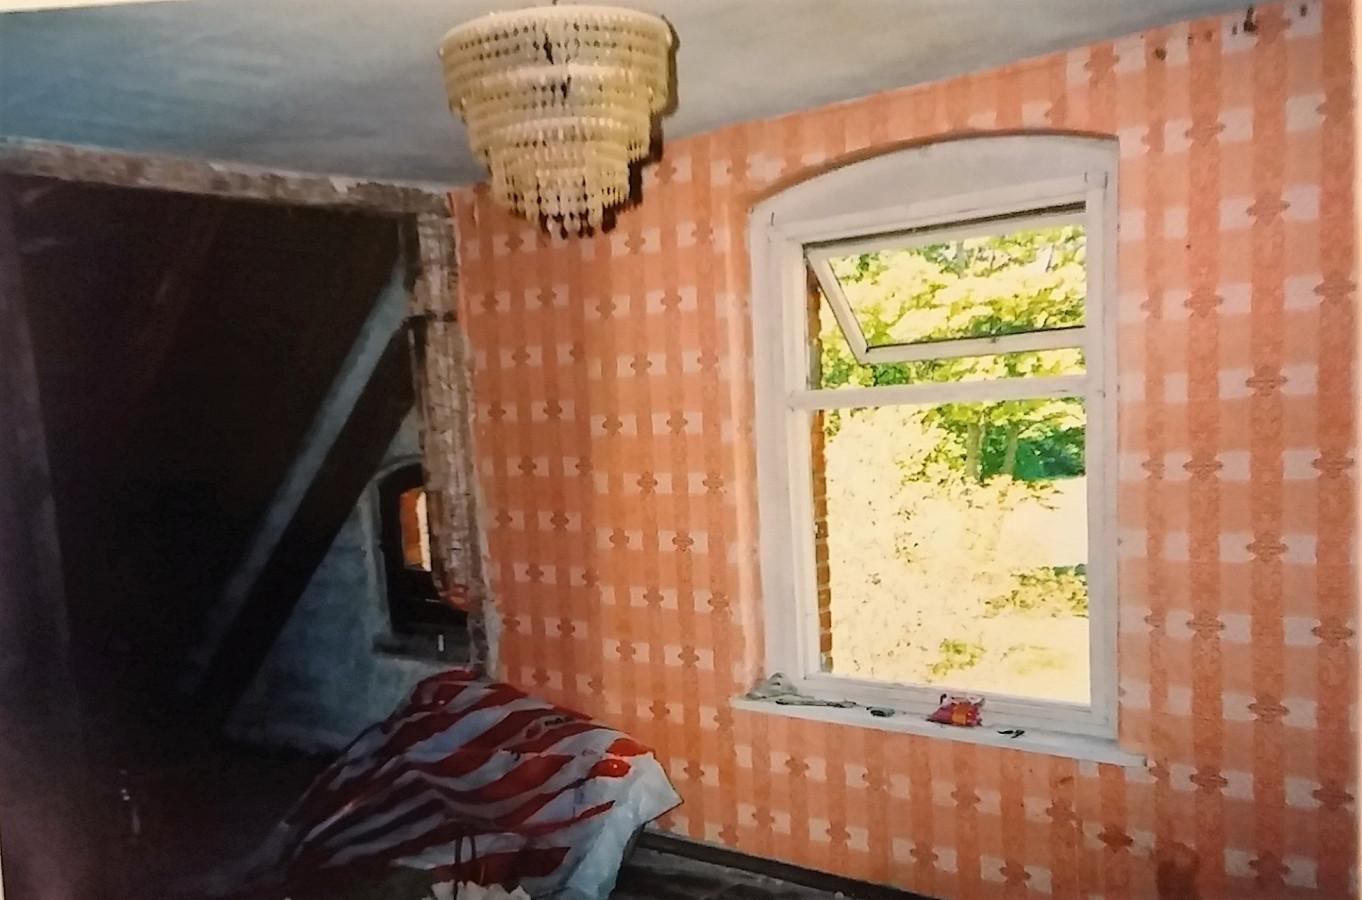 Taip atrodė rekonstruojamo namo II aukšto įrengimo darbų pradžia. Iš vieno kambario ir dviejų palėpių reikėjo padaryti du atskirus kambarius. Griovėme sienas, montavome sijas, šiltinome palėpes.